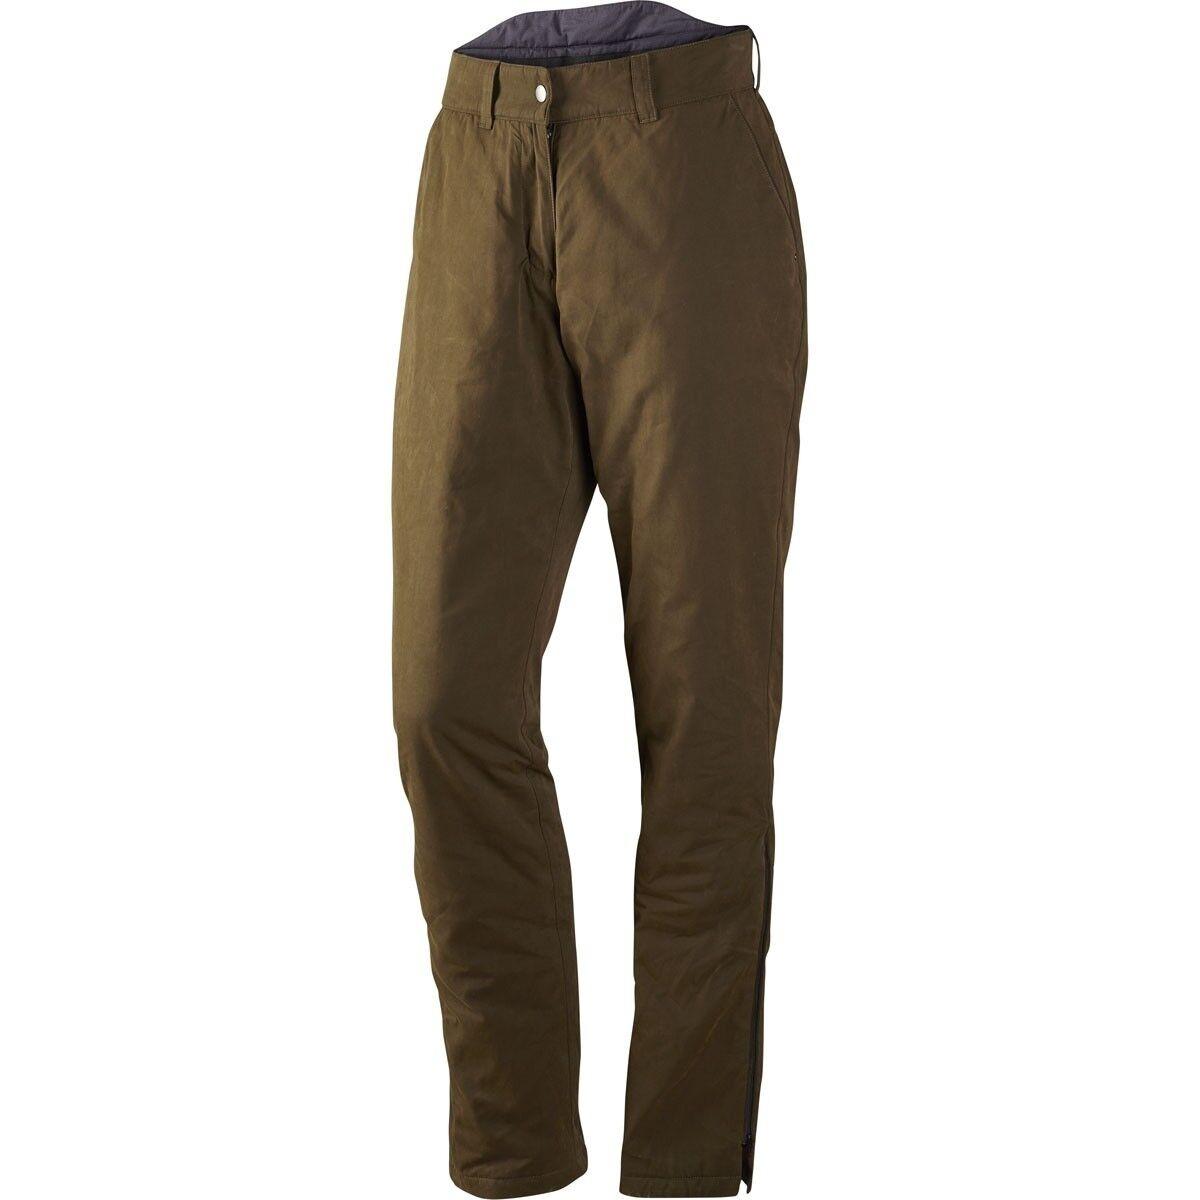 Harkila Vigdis Pantalones Tamaño (29 ) Señoras verde de sauce impermeable de la cintura